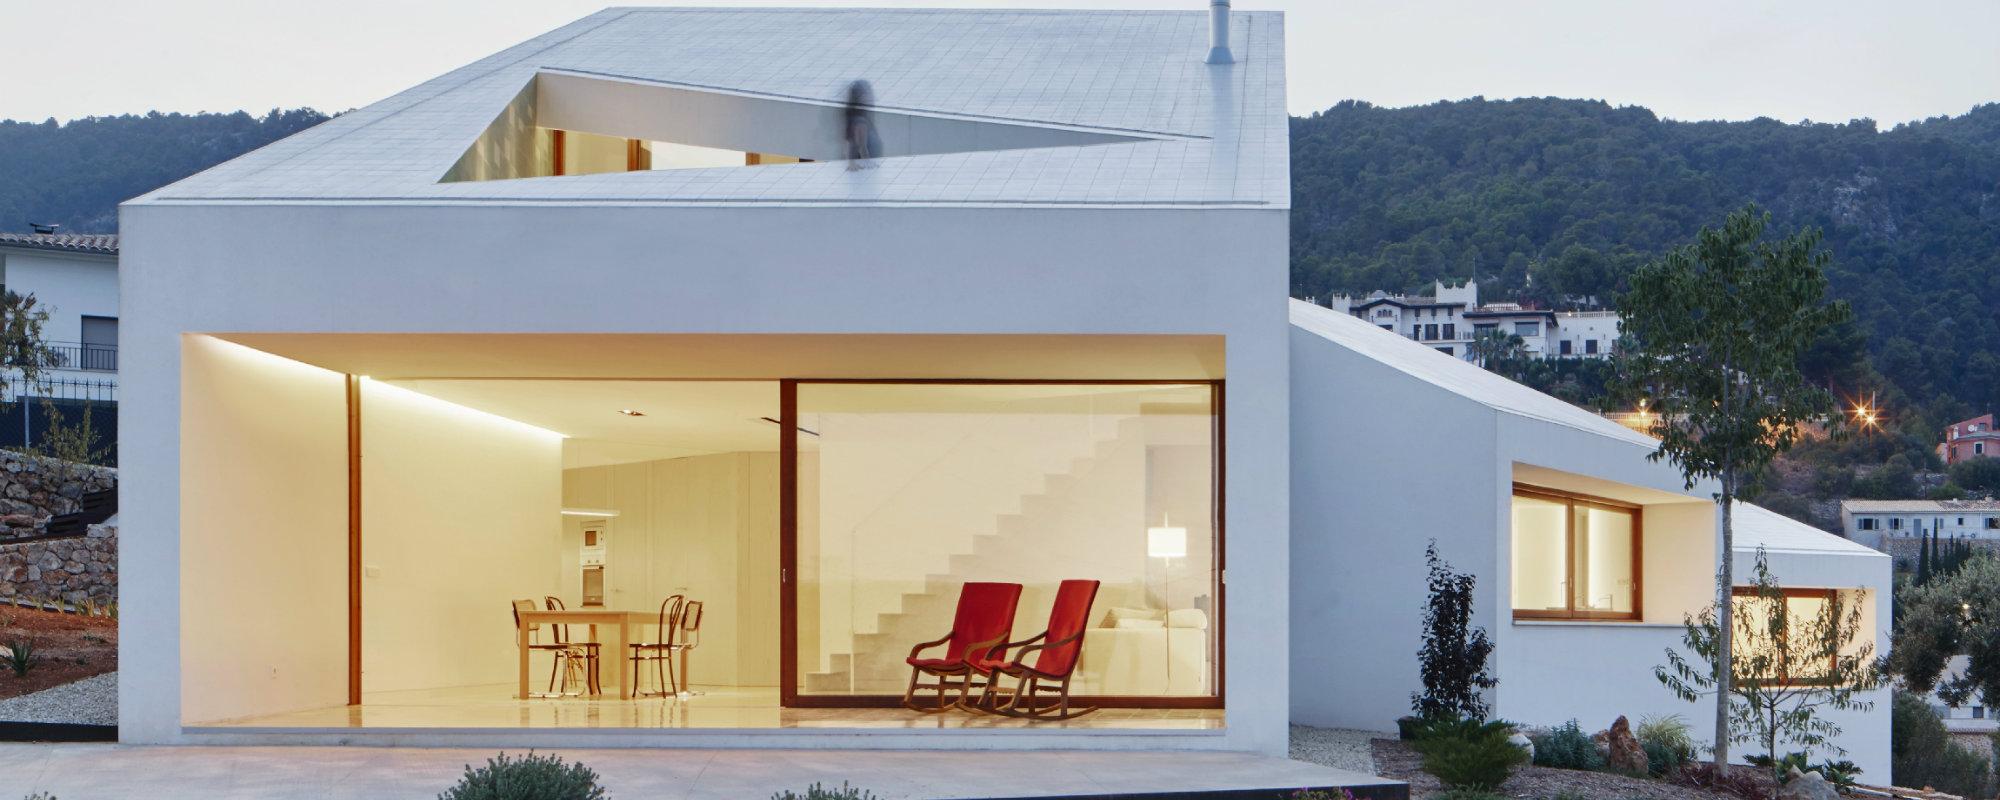 OHLAB : Una firma de Arquitectura de lujo en Madrid arquitectura de lujo OHLAB: Una firma de Arquitectura de lujo en Madrid Featured 5